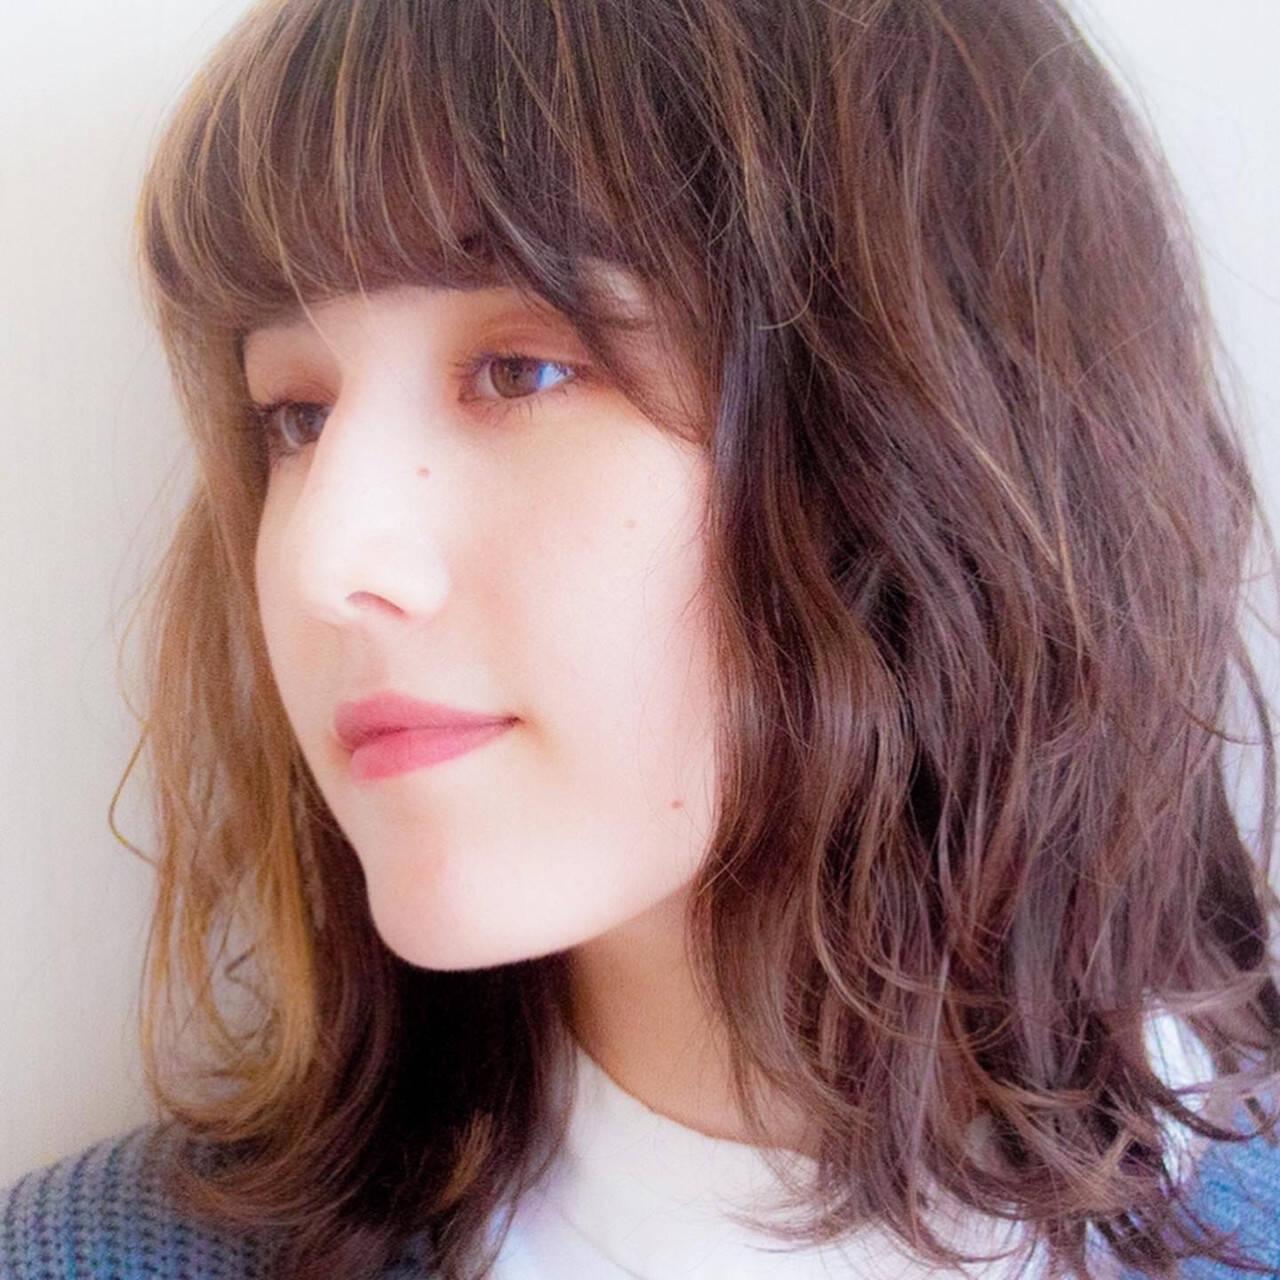 デジタルパーマ ミディアム ゆるふわパーマ 無造作ミックスヘアスタイルや髪型の写真・画像